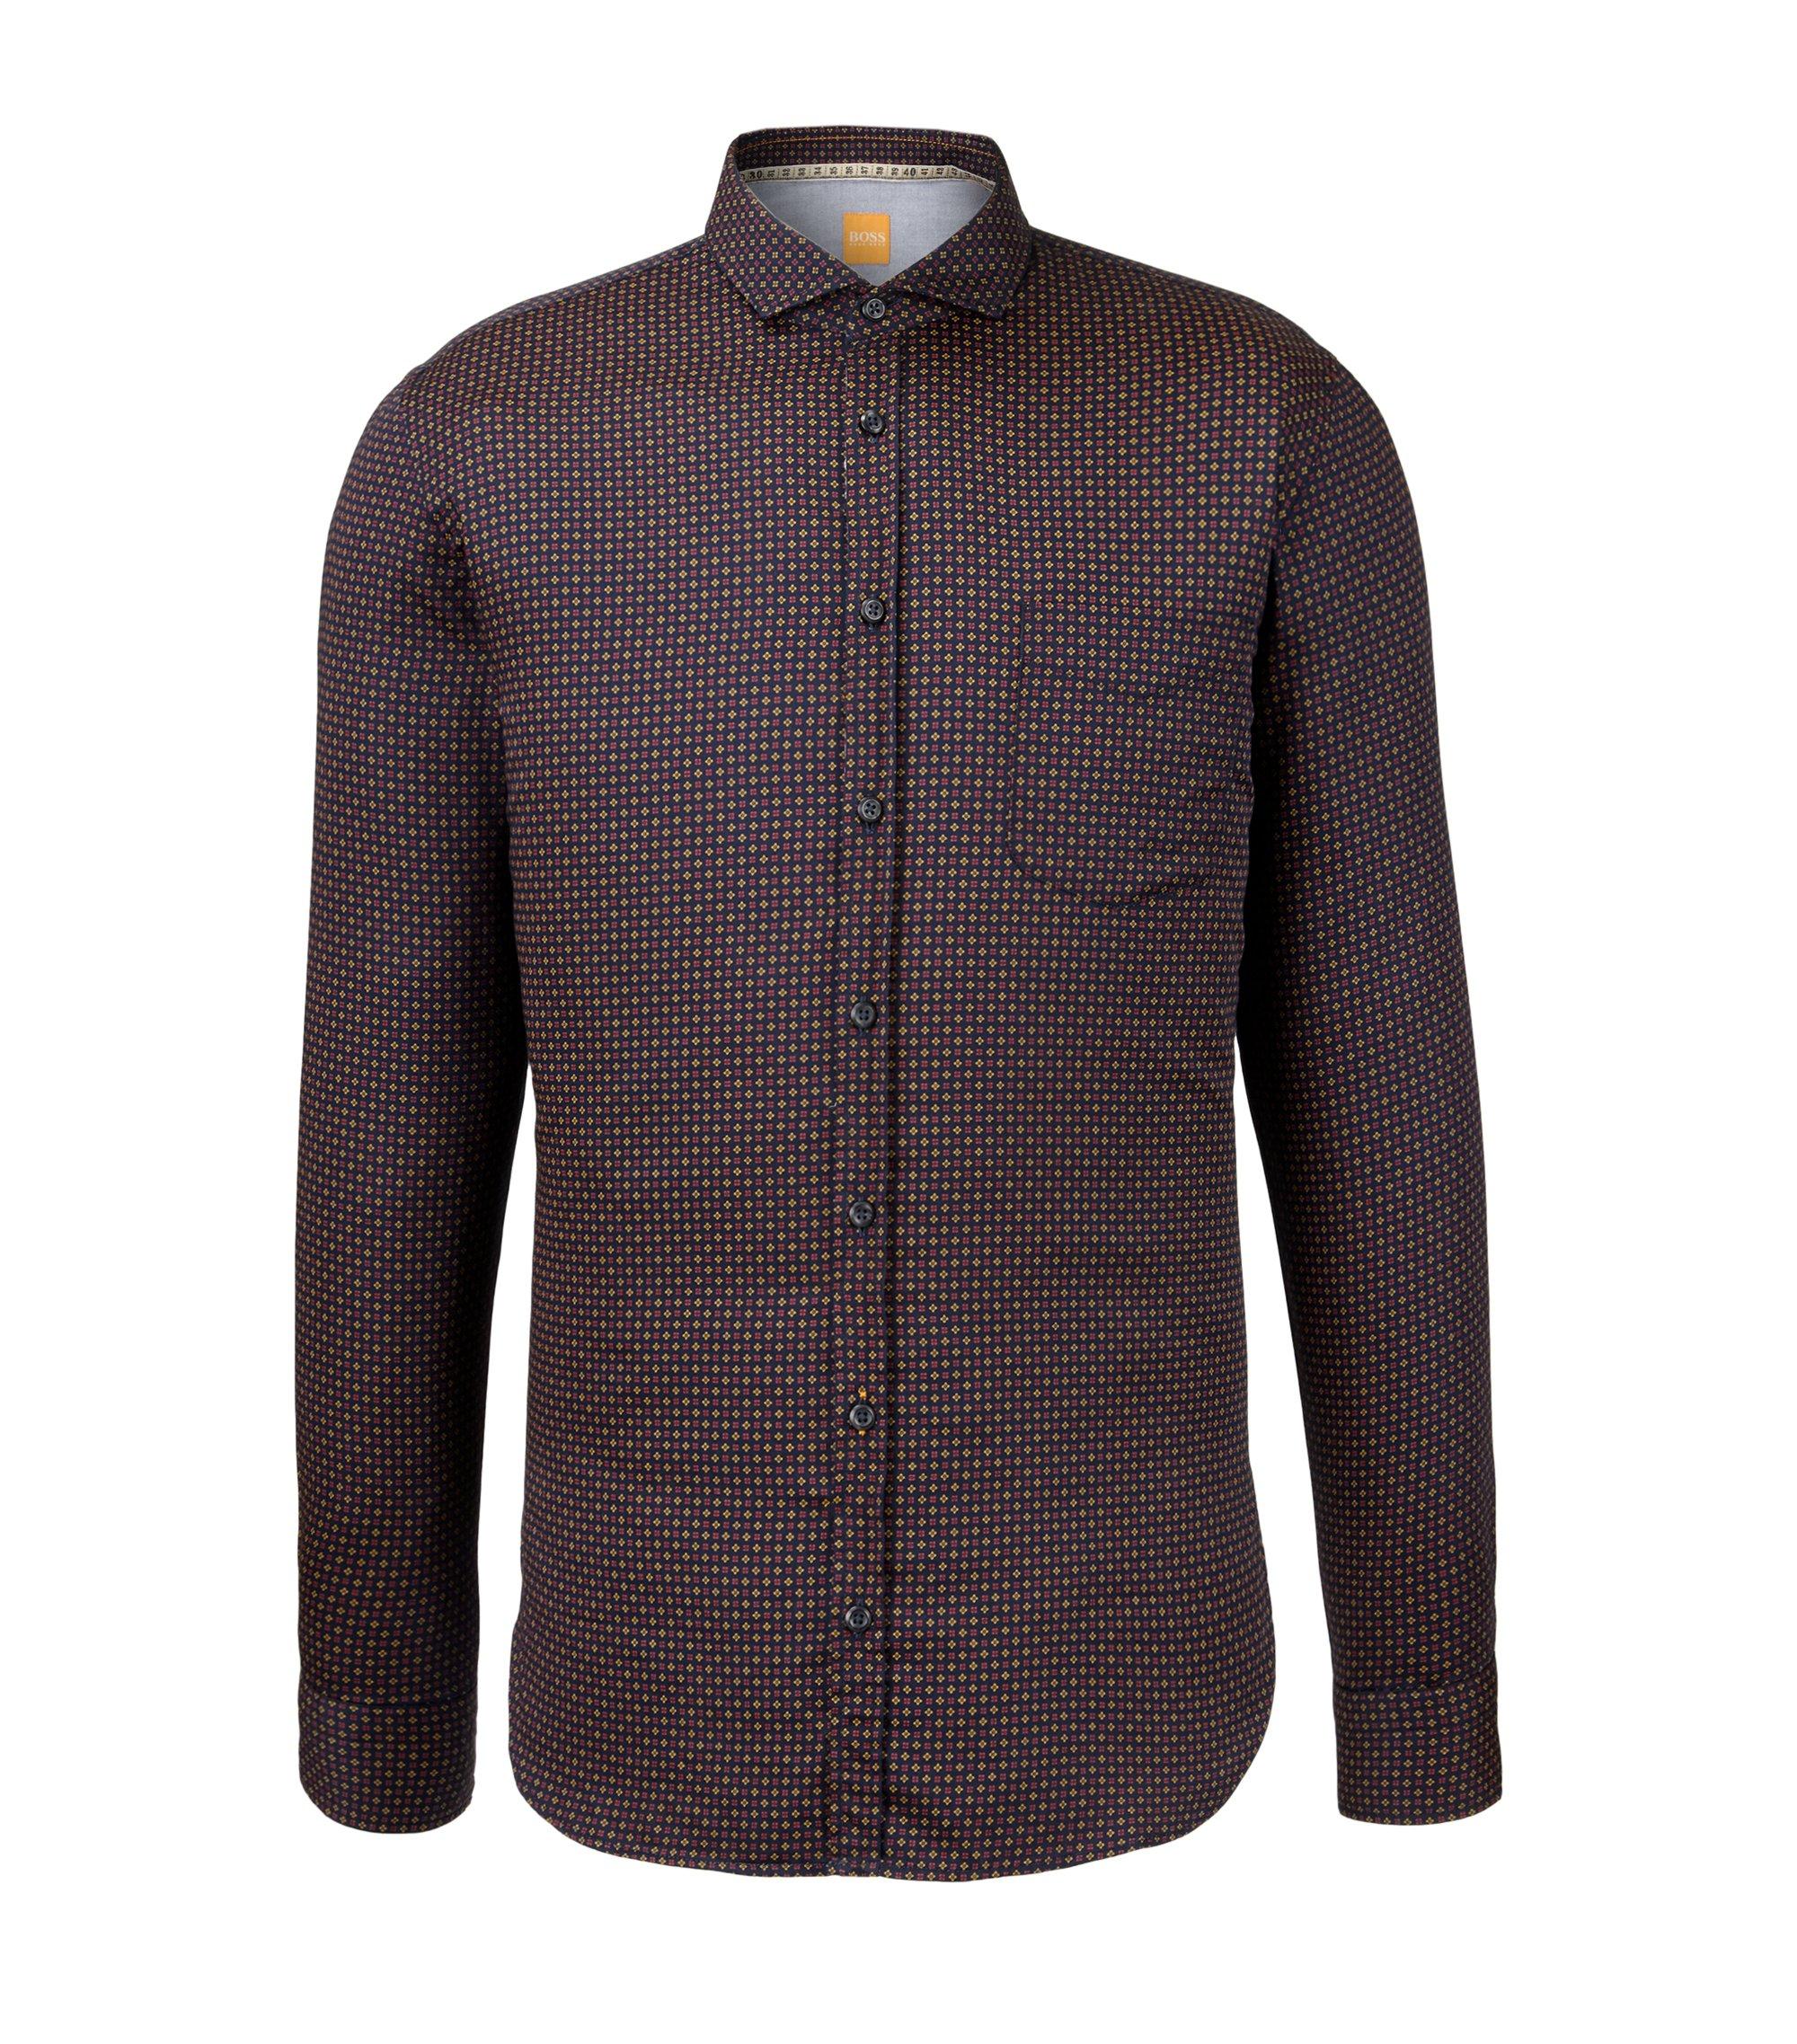 Speckled Cotton Button Down Shirt, Slim Fit | Cattitude, Dark Blue